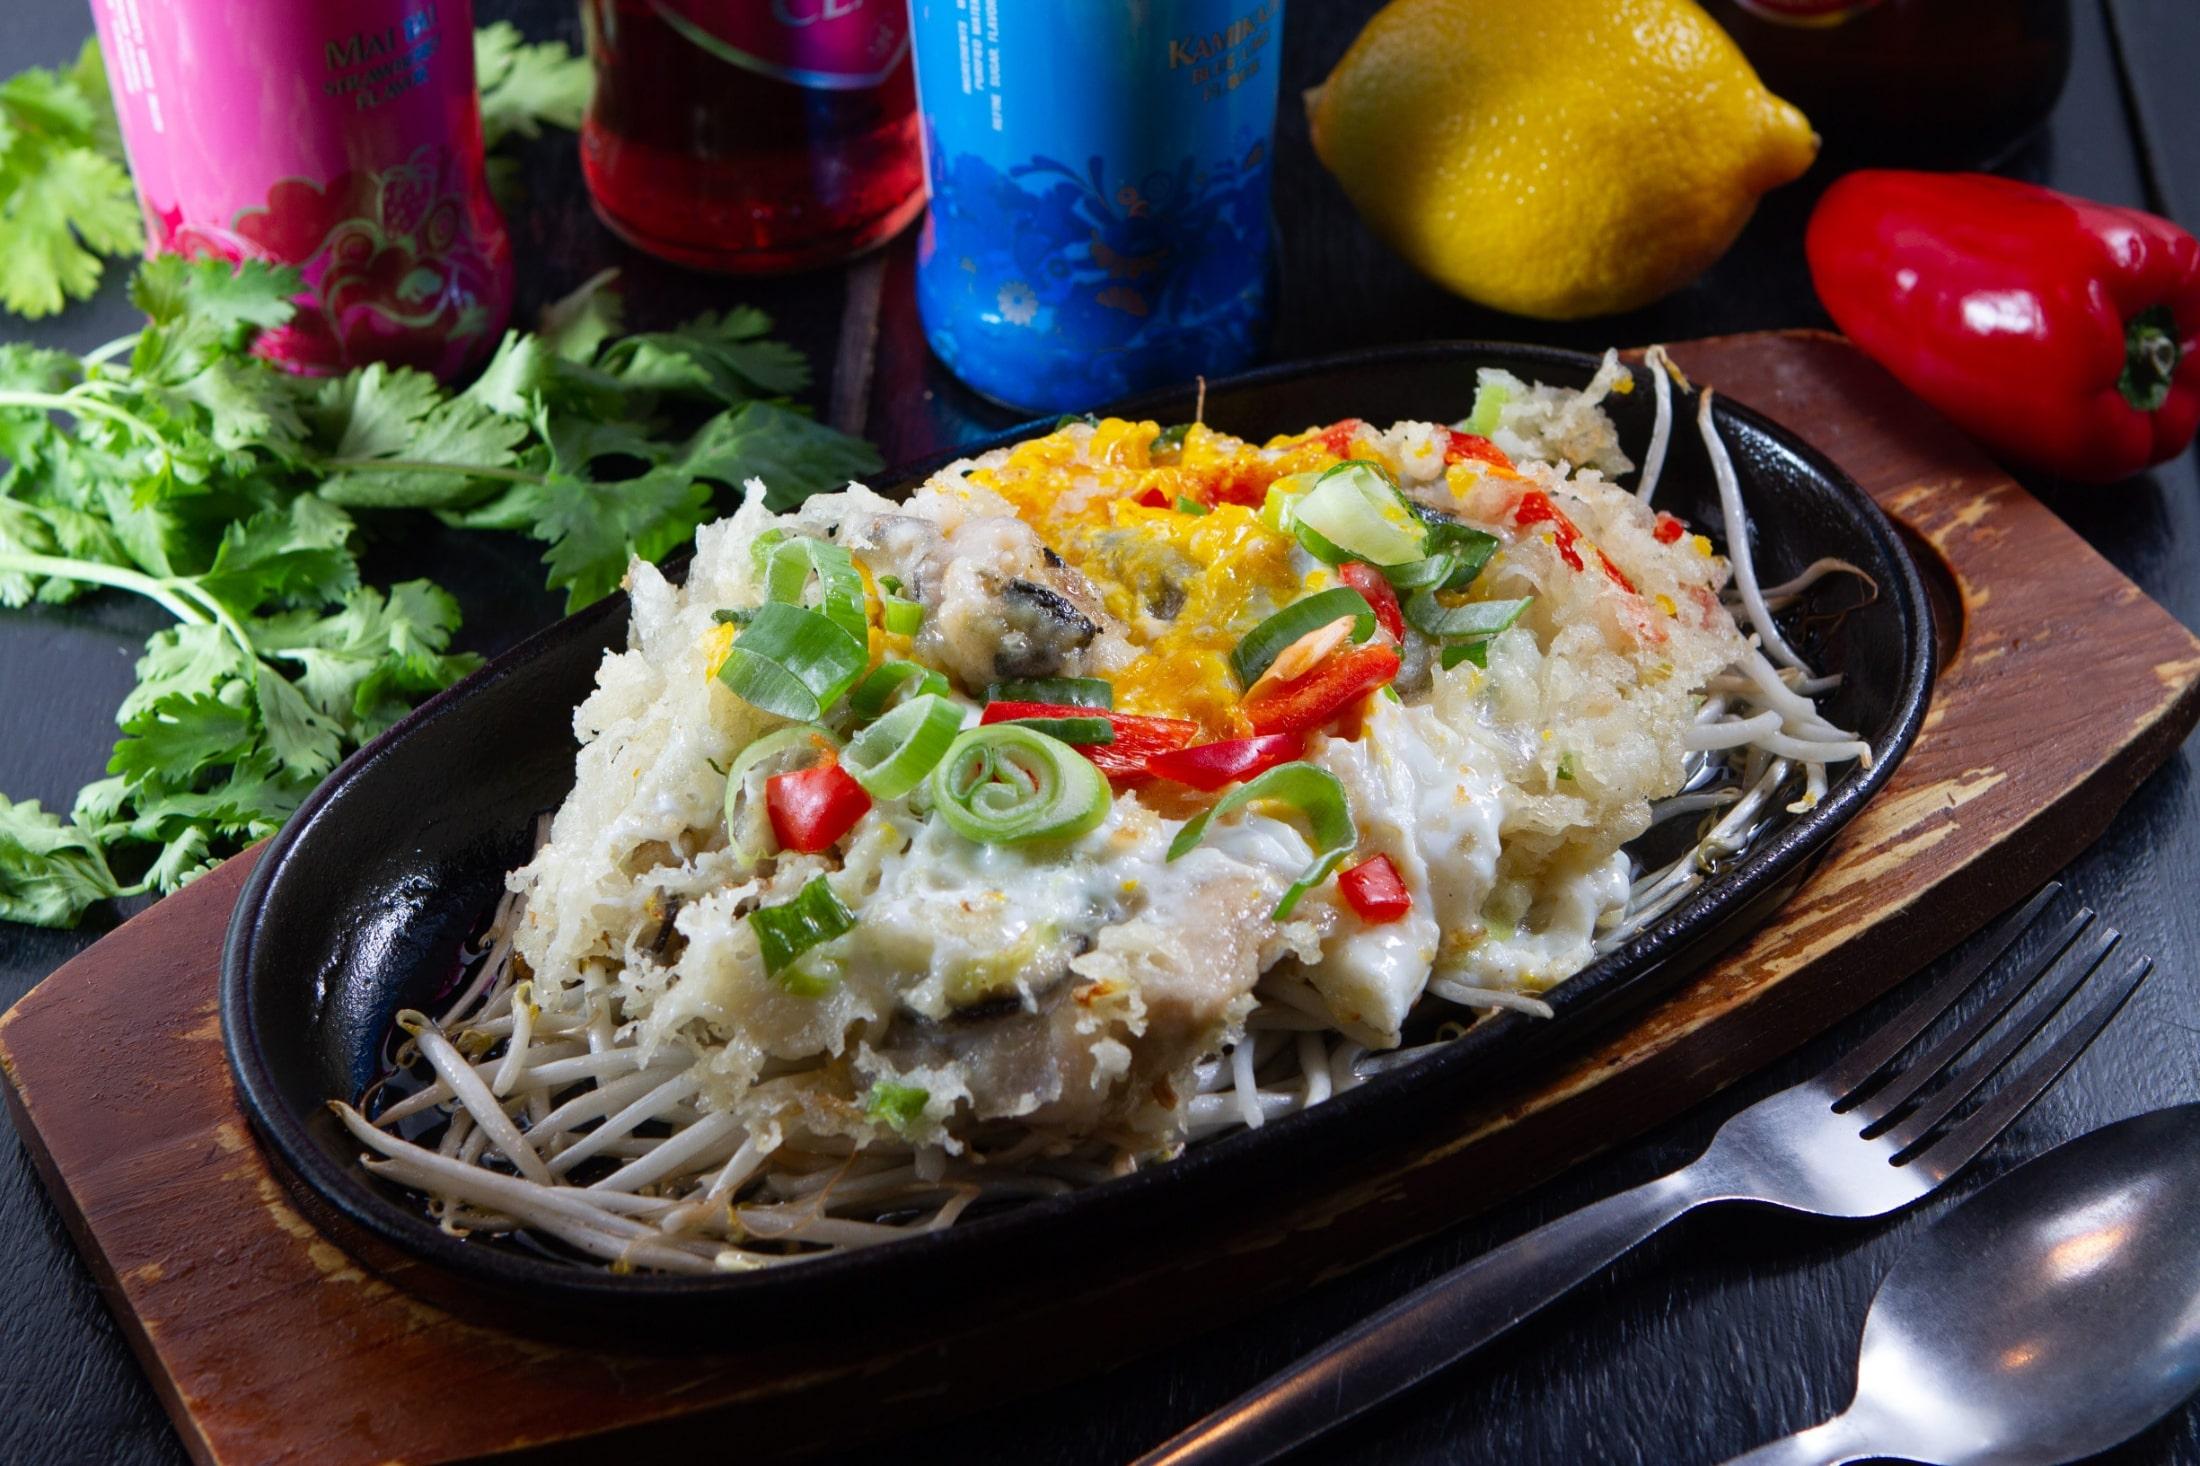 タイの牡蠣入りお好み焼き風/ホイトート